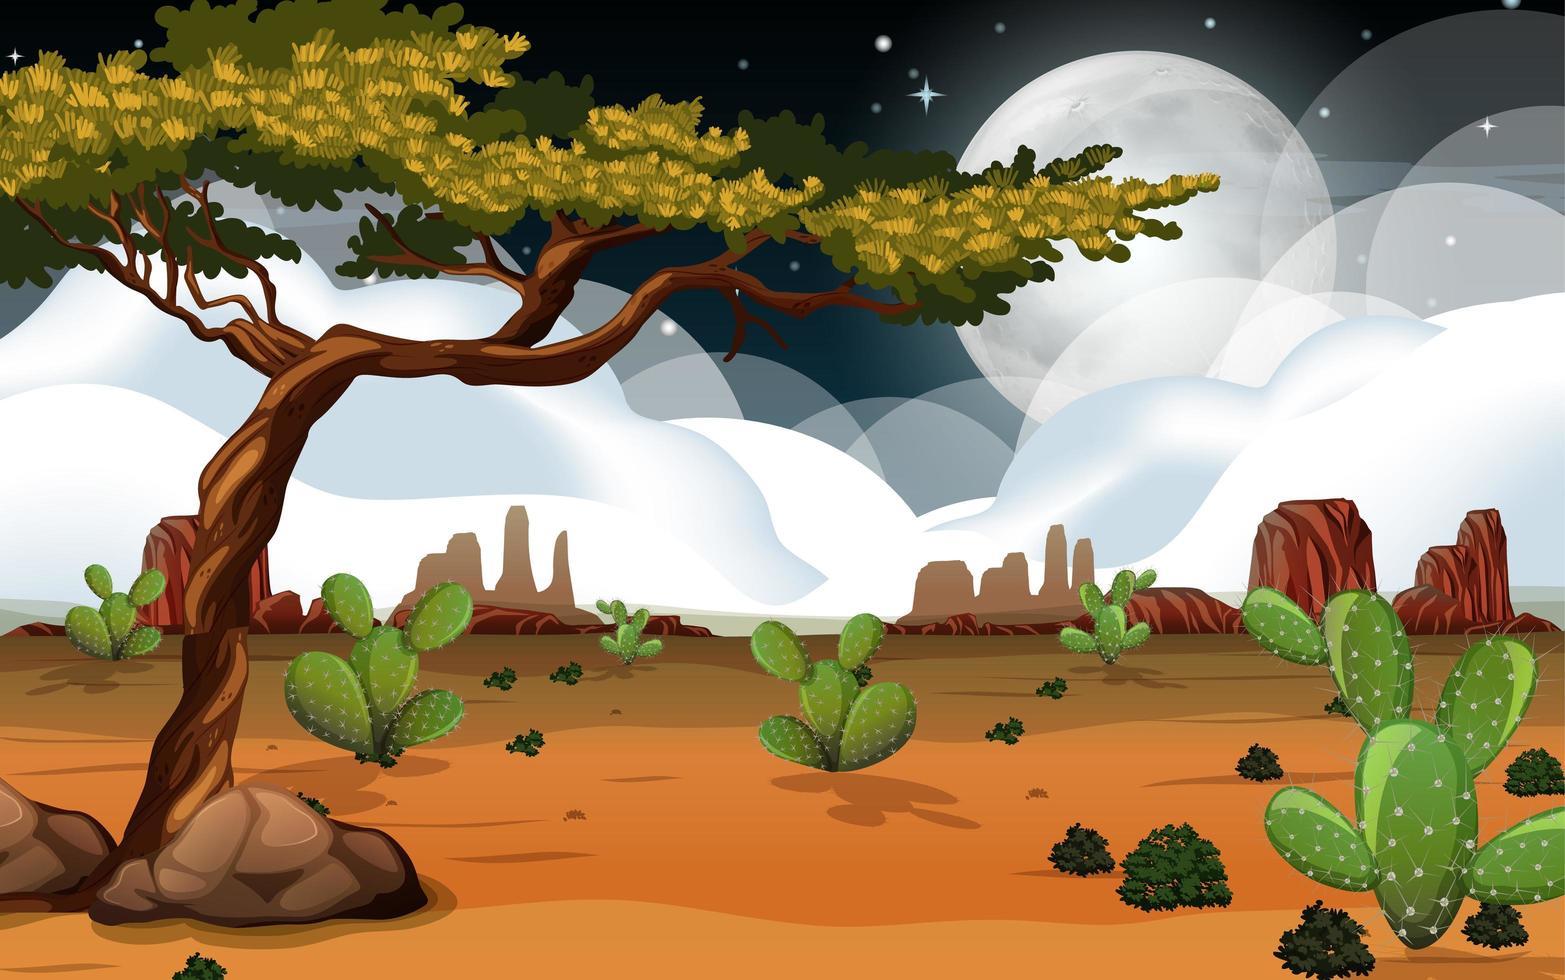 paesaggio desertico selvaggio di notte vettore